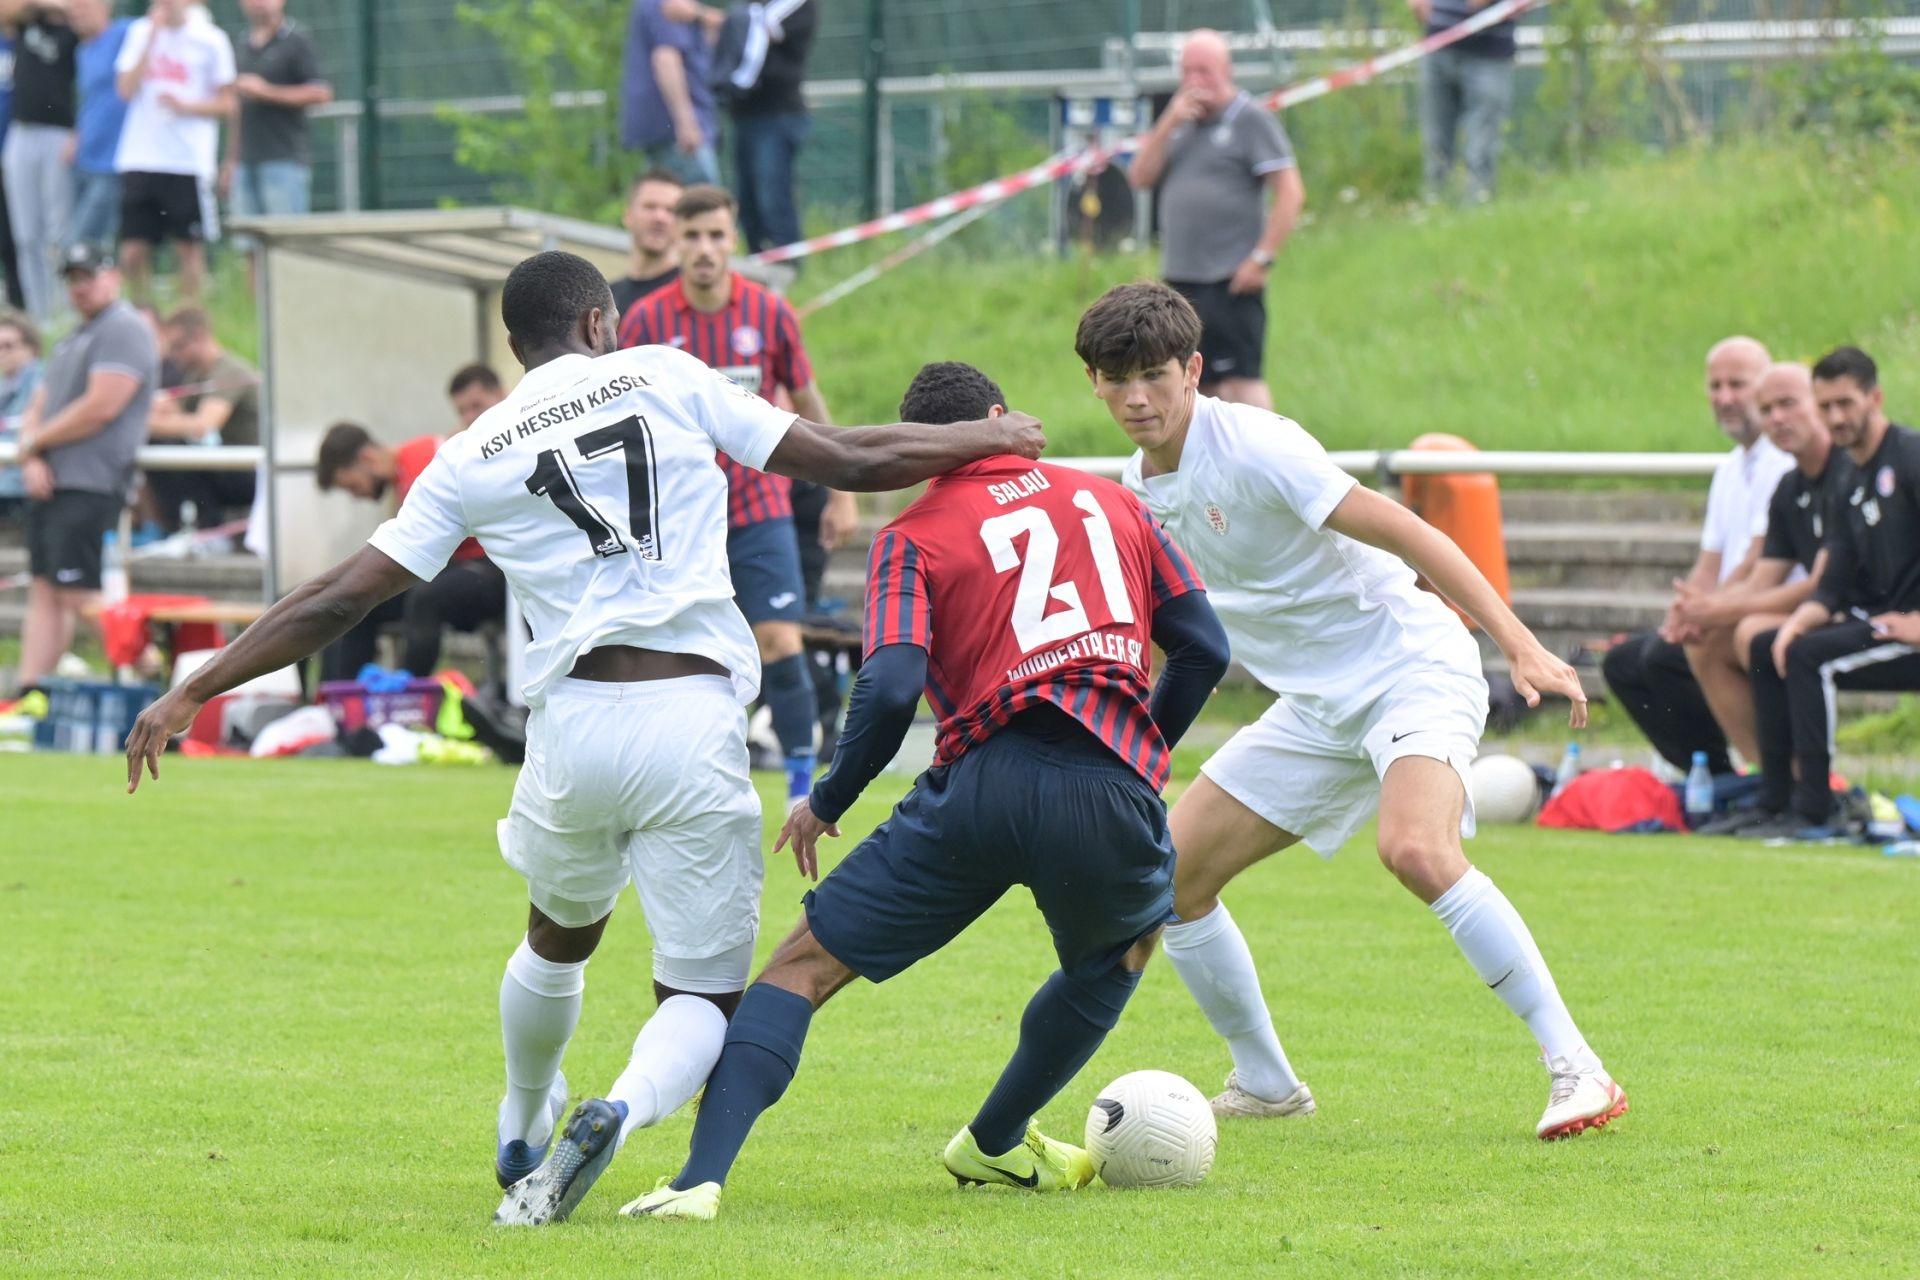 KSV Hessen Kassel, Wuppertaler SV, Endstand 4:0, Testspieler Conrad Azong, Moritz Flotho